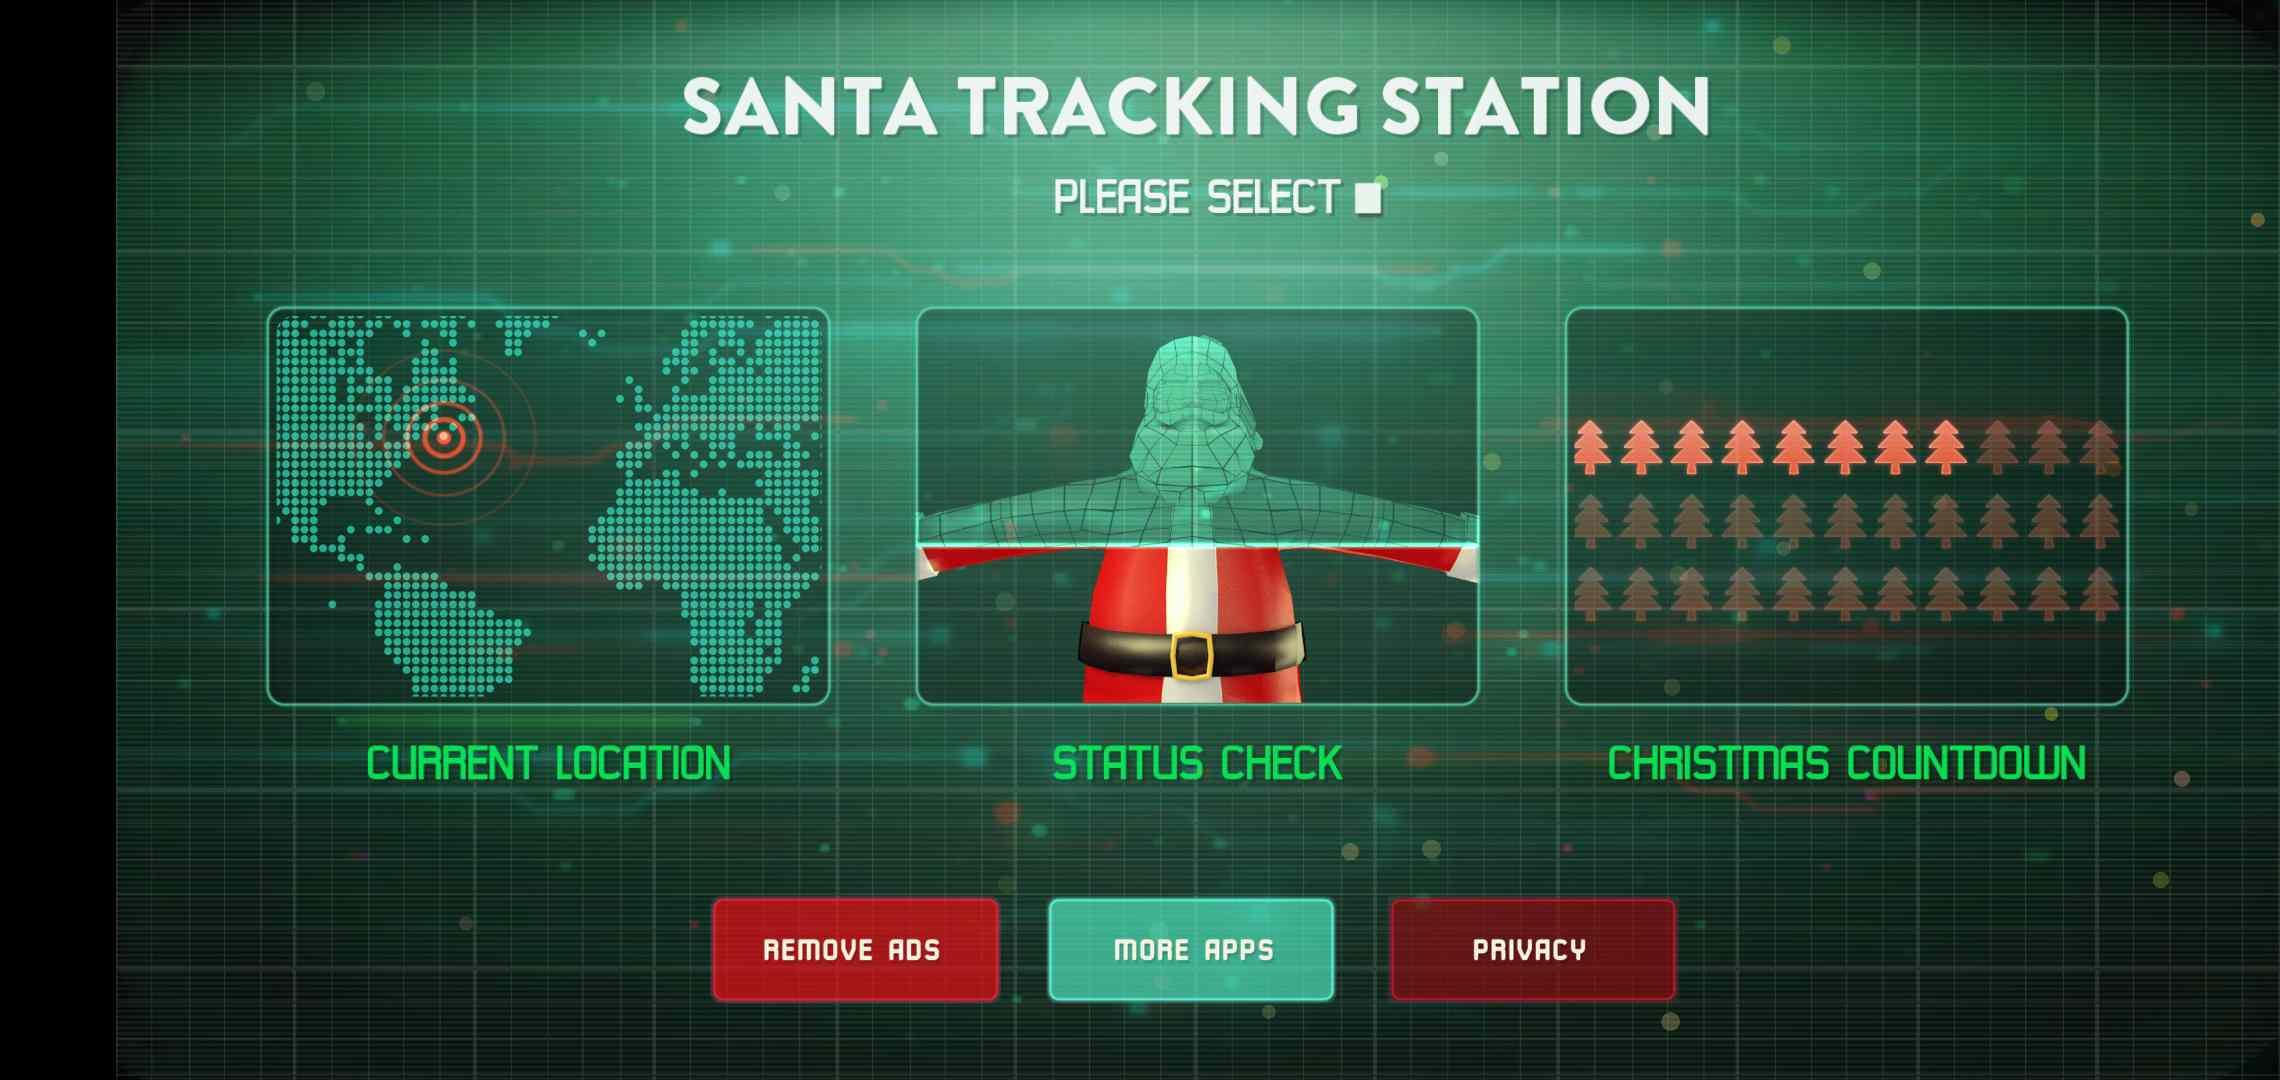 Santa Tracker and Status Check app